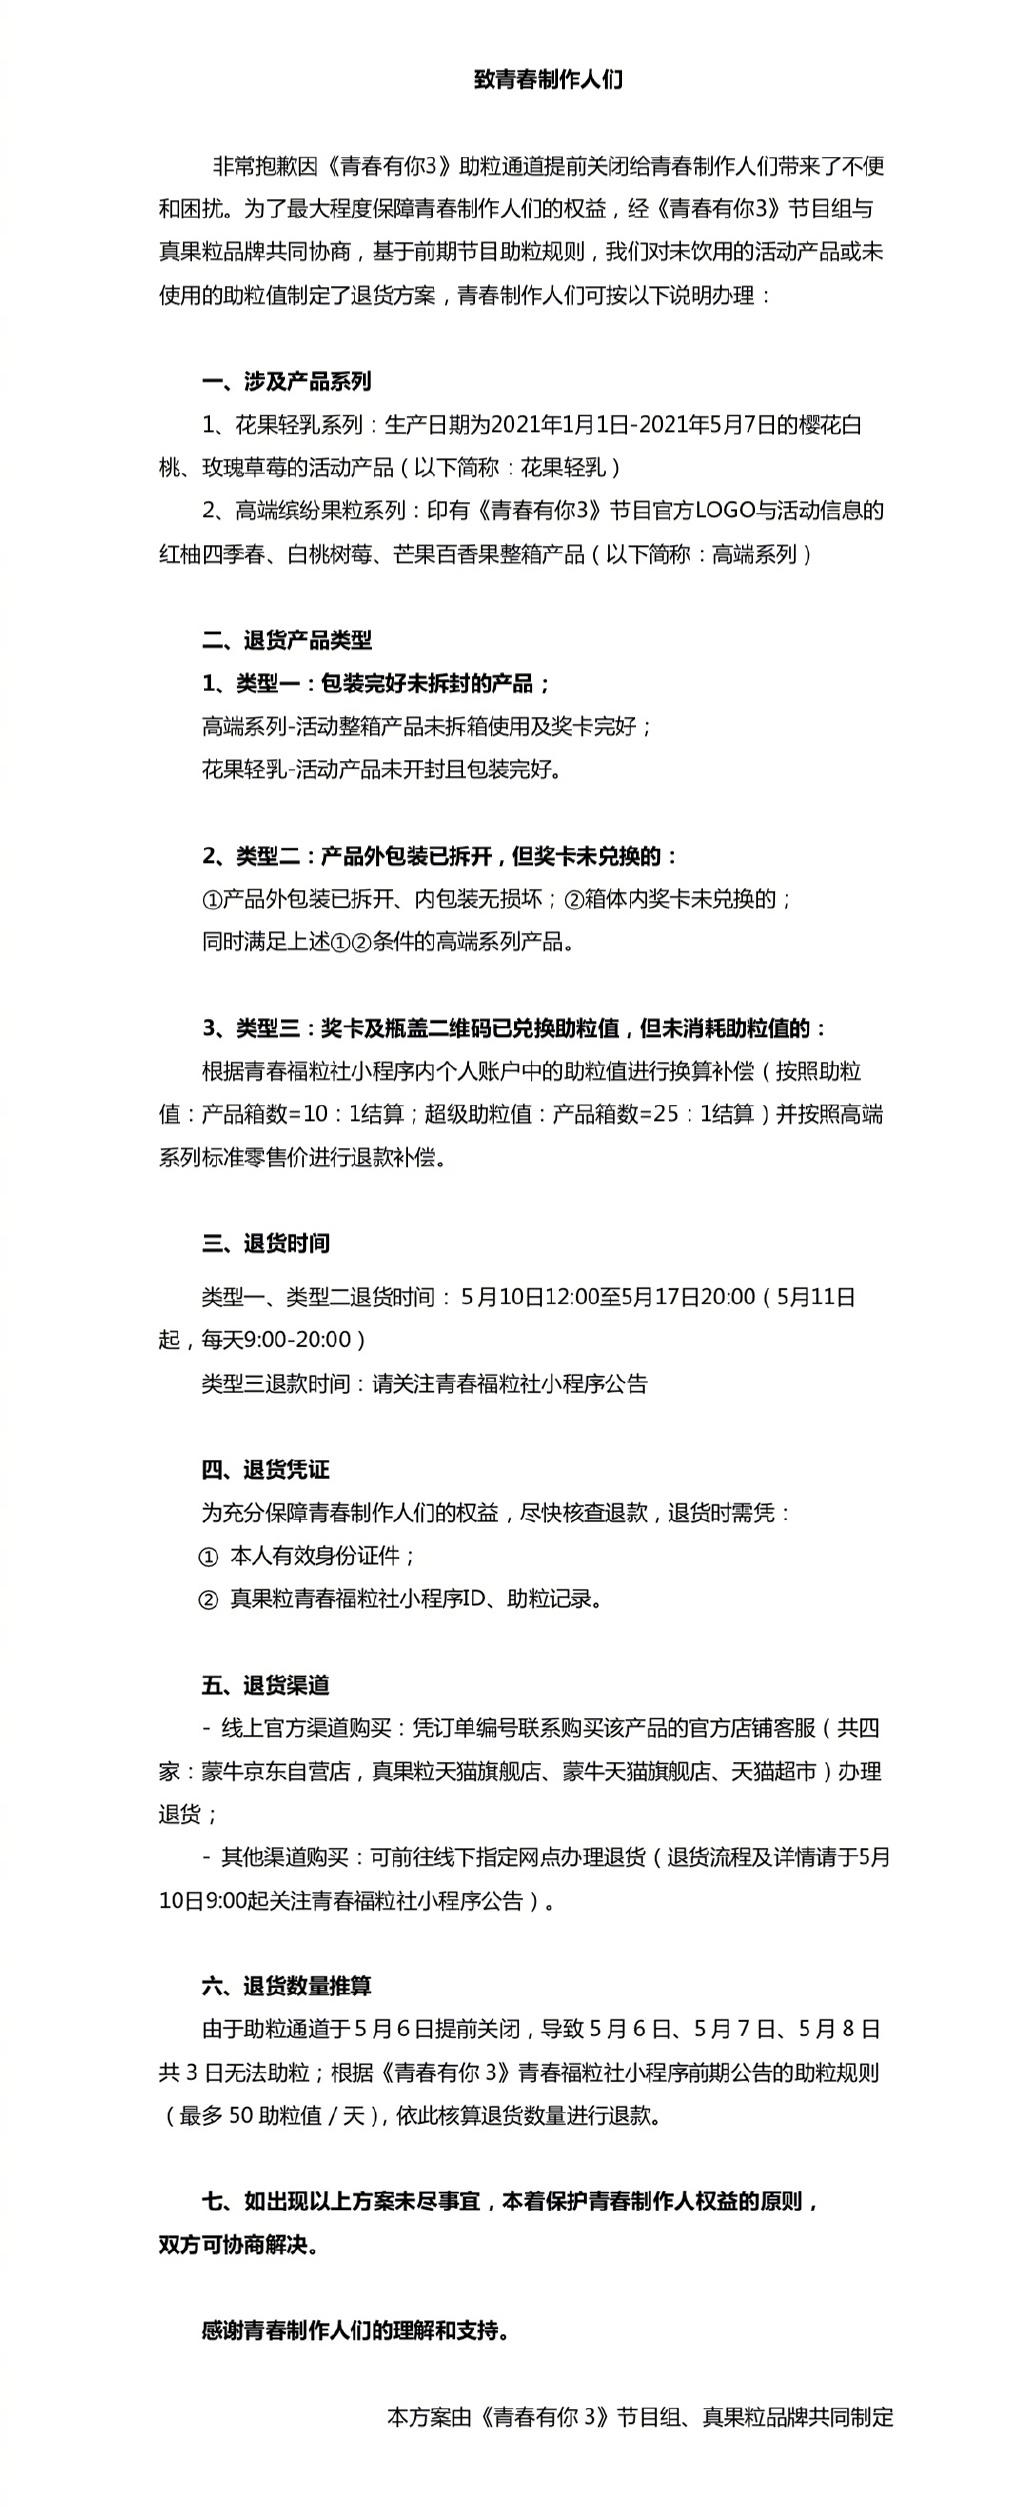 蒙牛真果粒发布退货方式-玩懂手机网 - 玩懂手机第一手的手机资讯网(www.wdshouji.com)